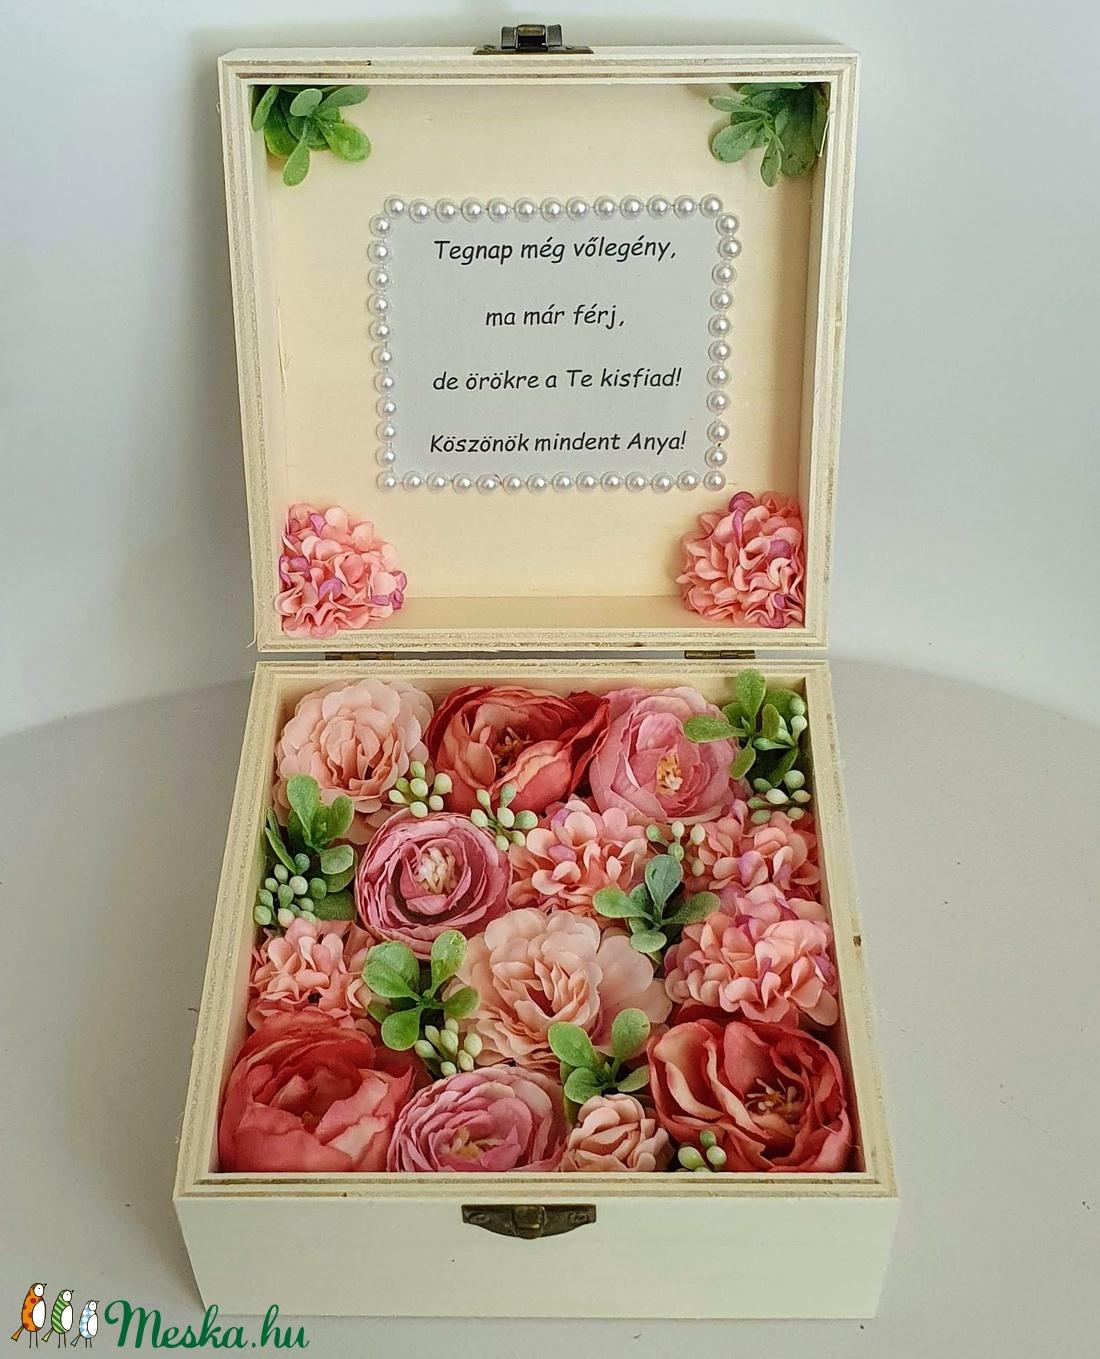 Szülőköszöntő virágos doboz - esküvő - emlék & ajándék - szülőköszöntő ajándék - Meska.hu